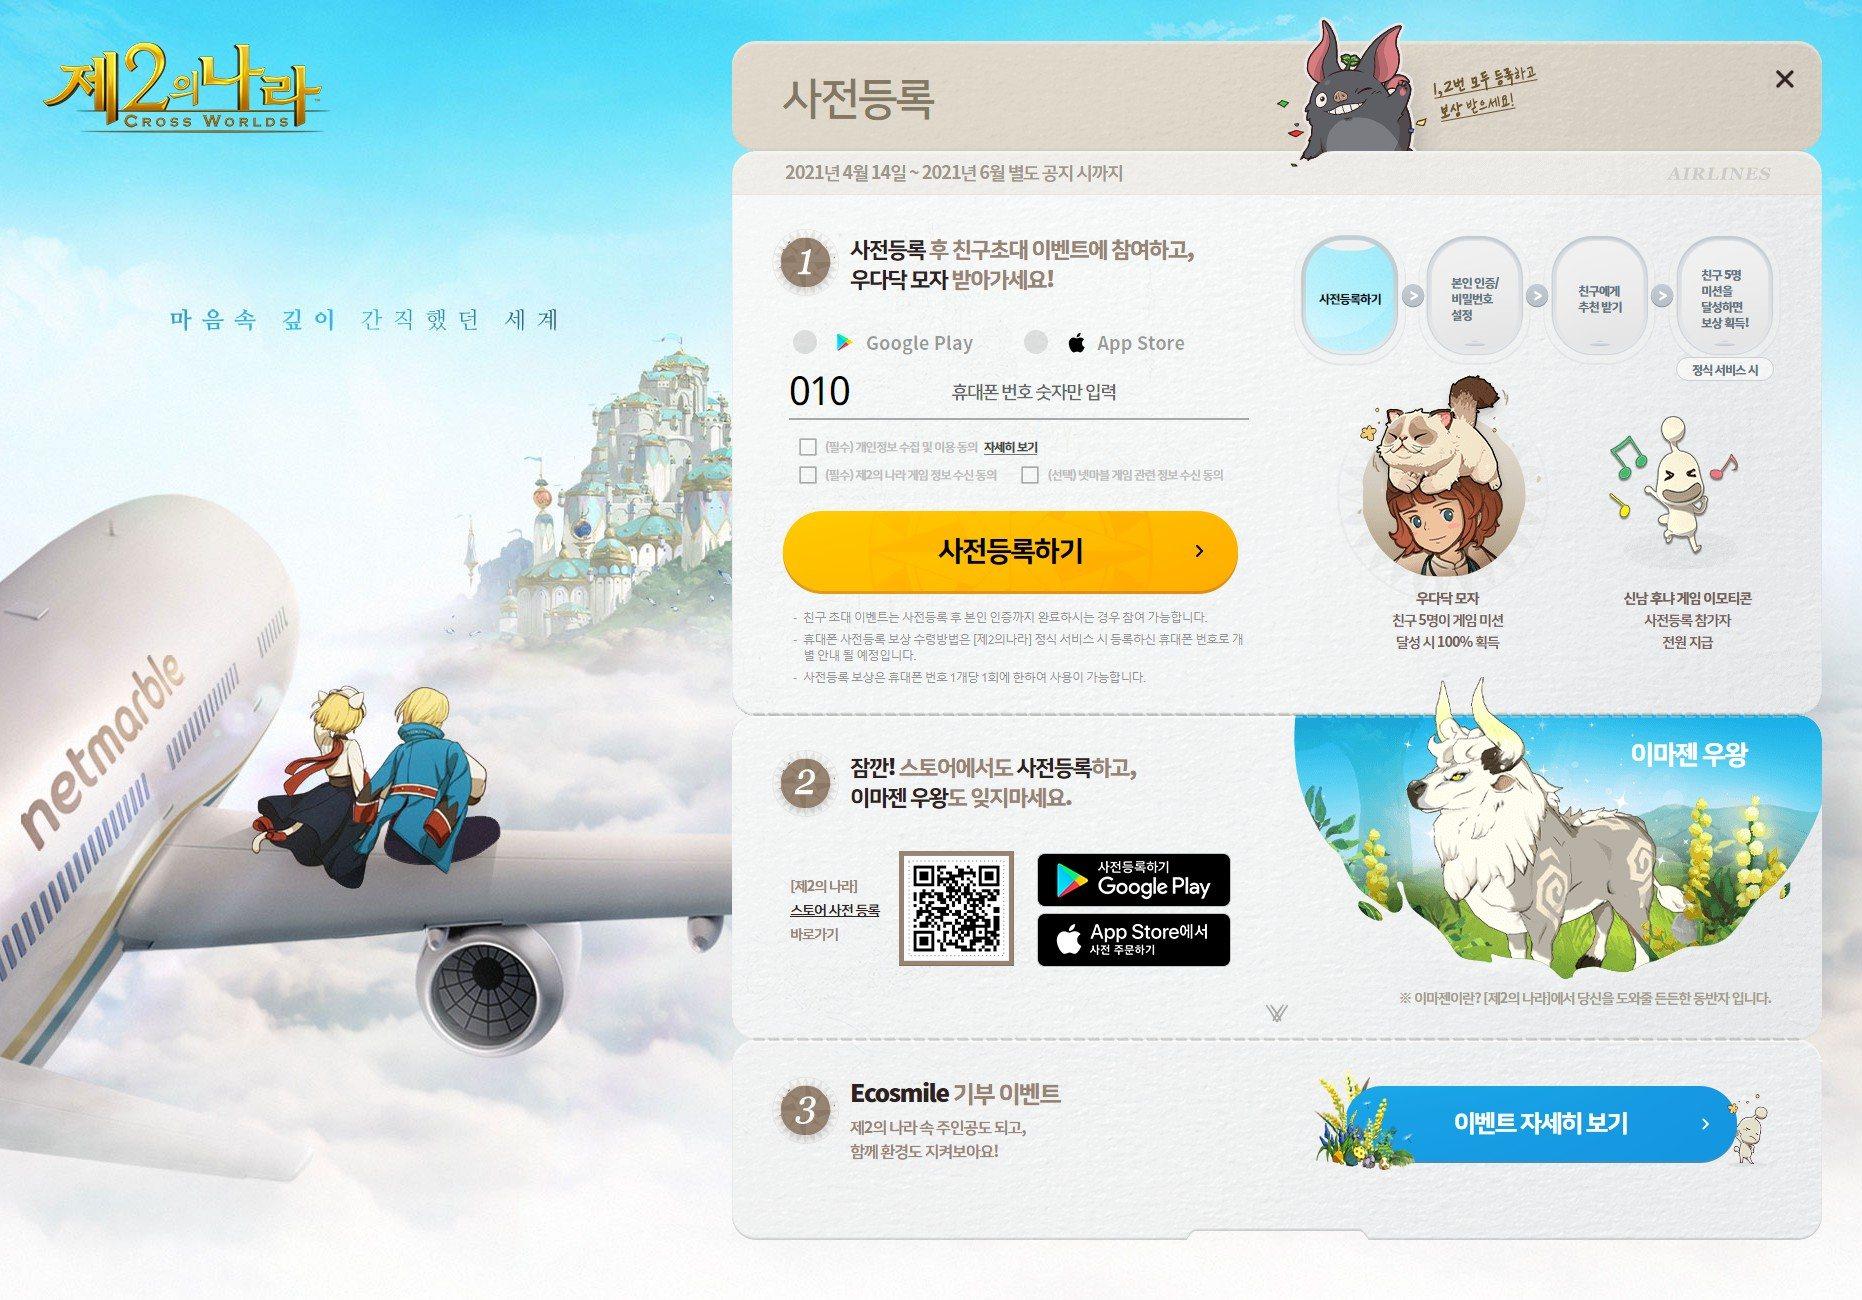 드디어 사전등록 시작, 제2의 나라로 가는 티켓을 끊고 PC에서 블루스택 앱플레이어로 날아가봐요!